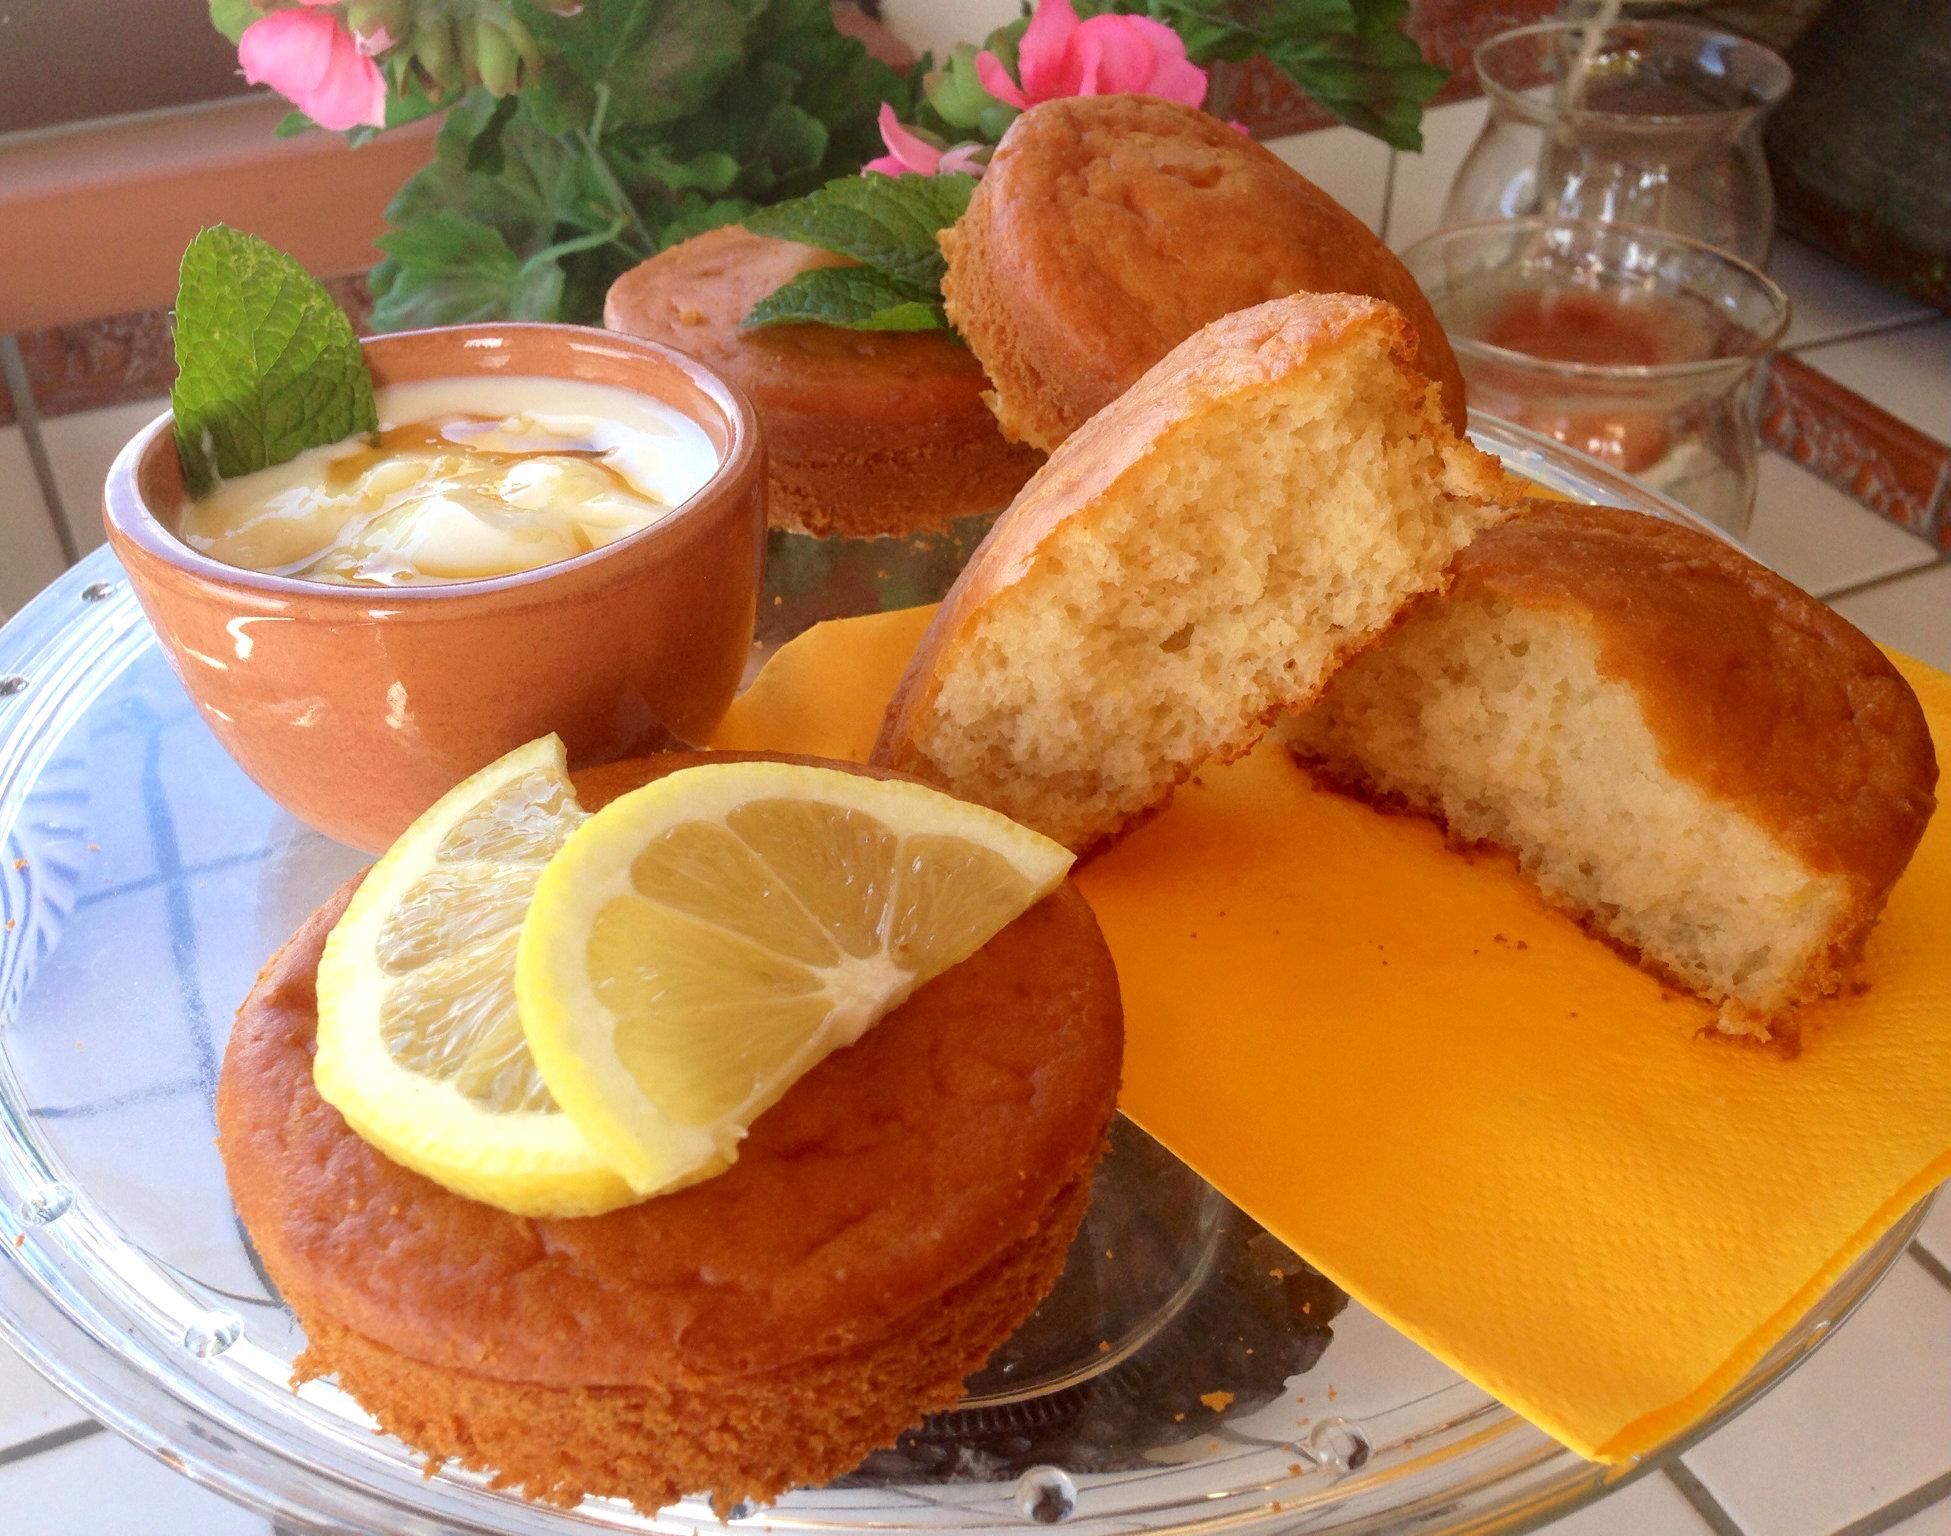 Mini Cake al Limone Senza Burro realizzate senza lattosio con sciroppo d'acero di Dolci Senza Burro